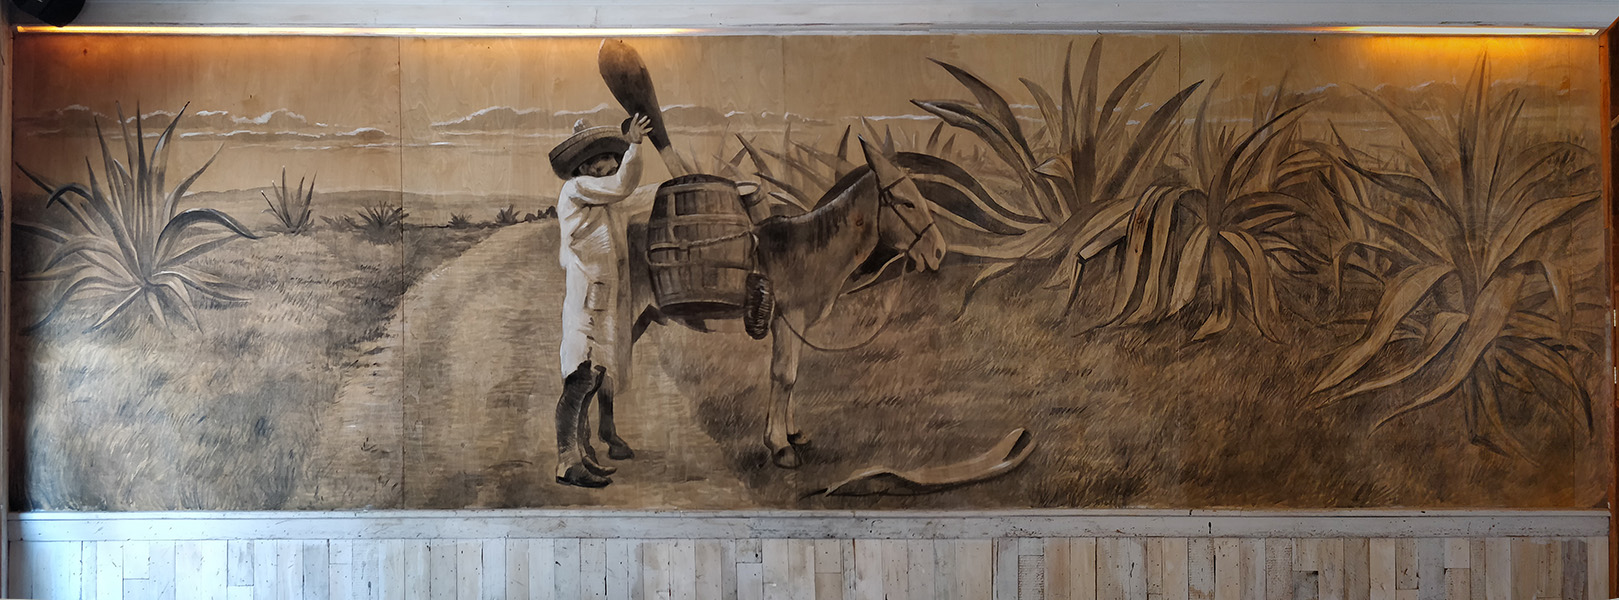 Tacuba Mural NYC_Acrylic on wood_200 x 50 inch. (c).jpg